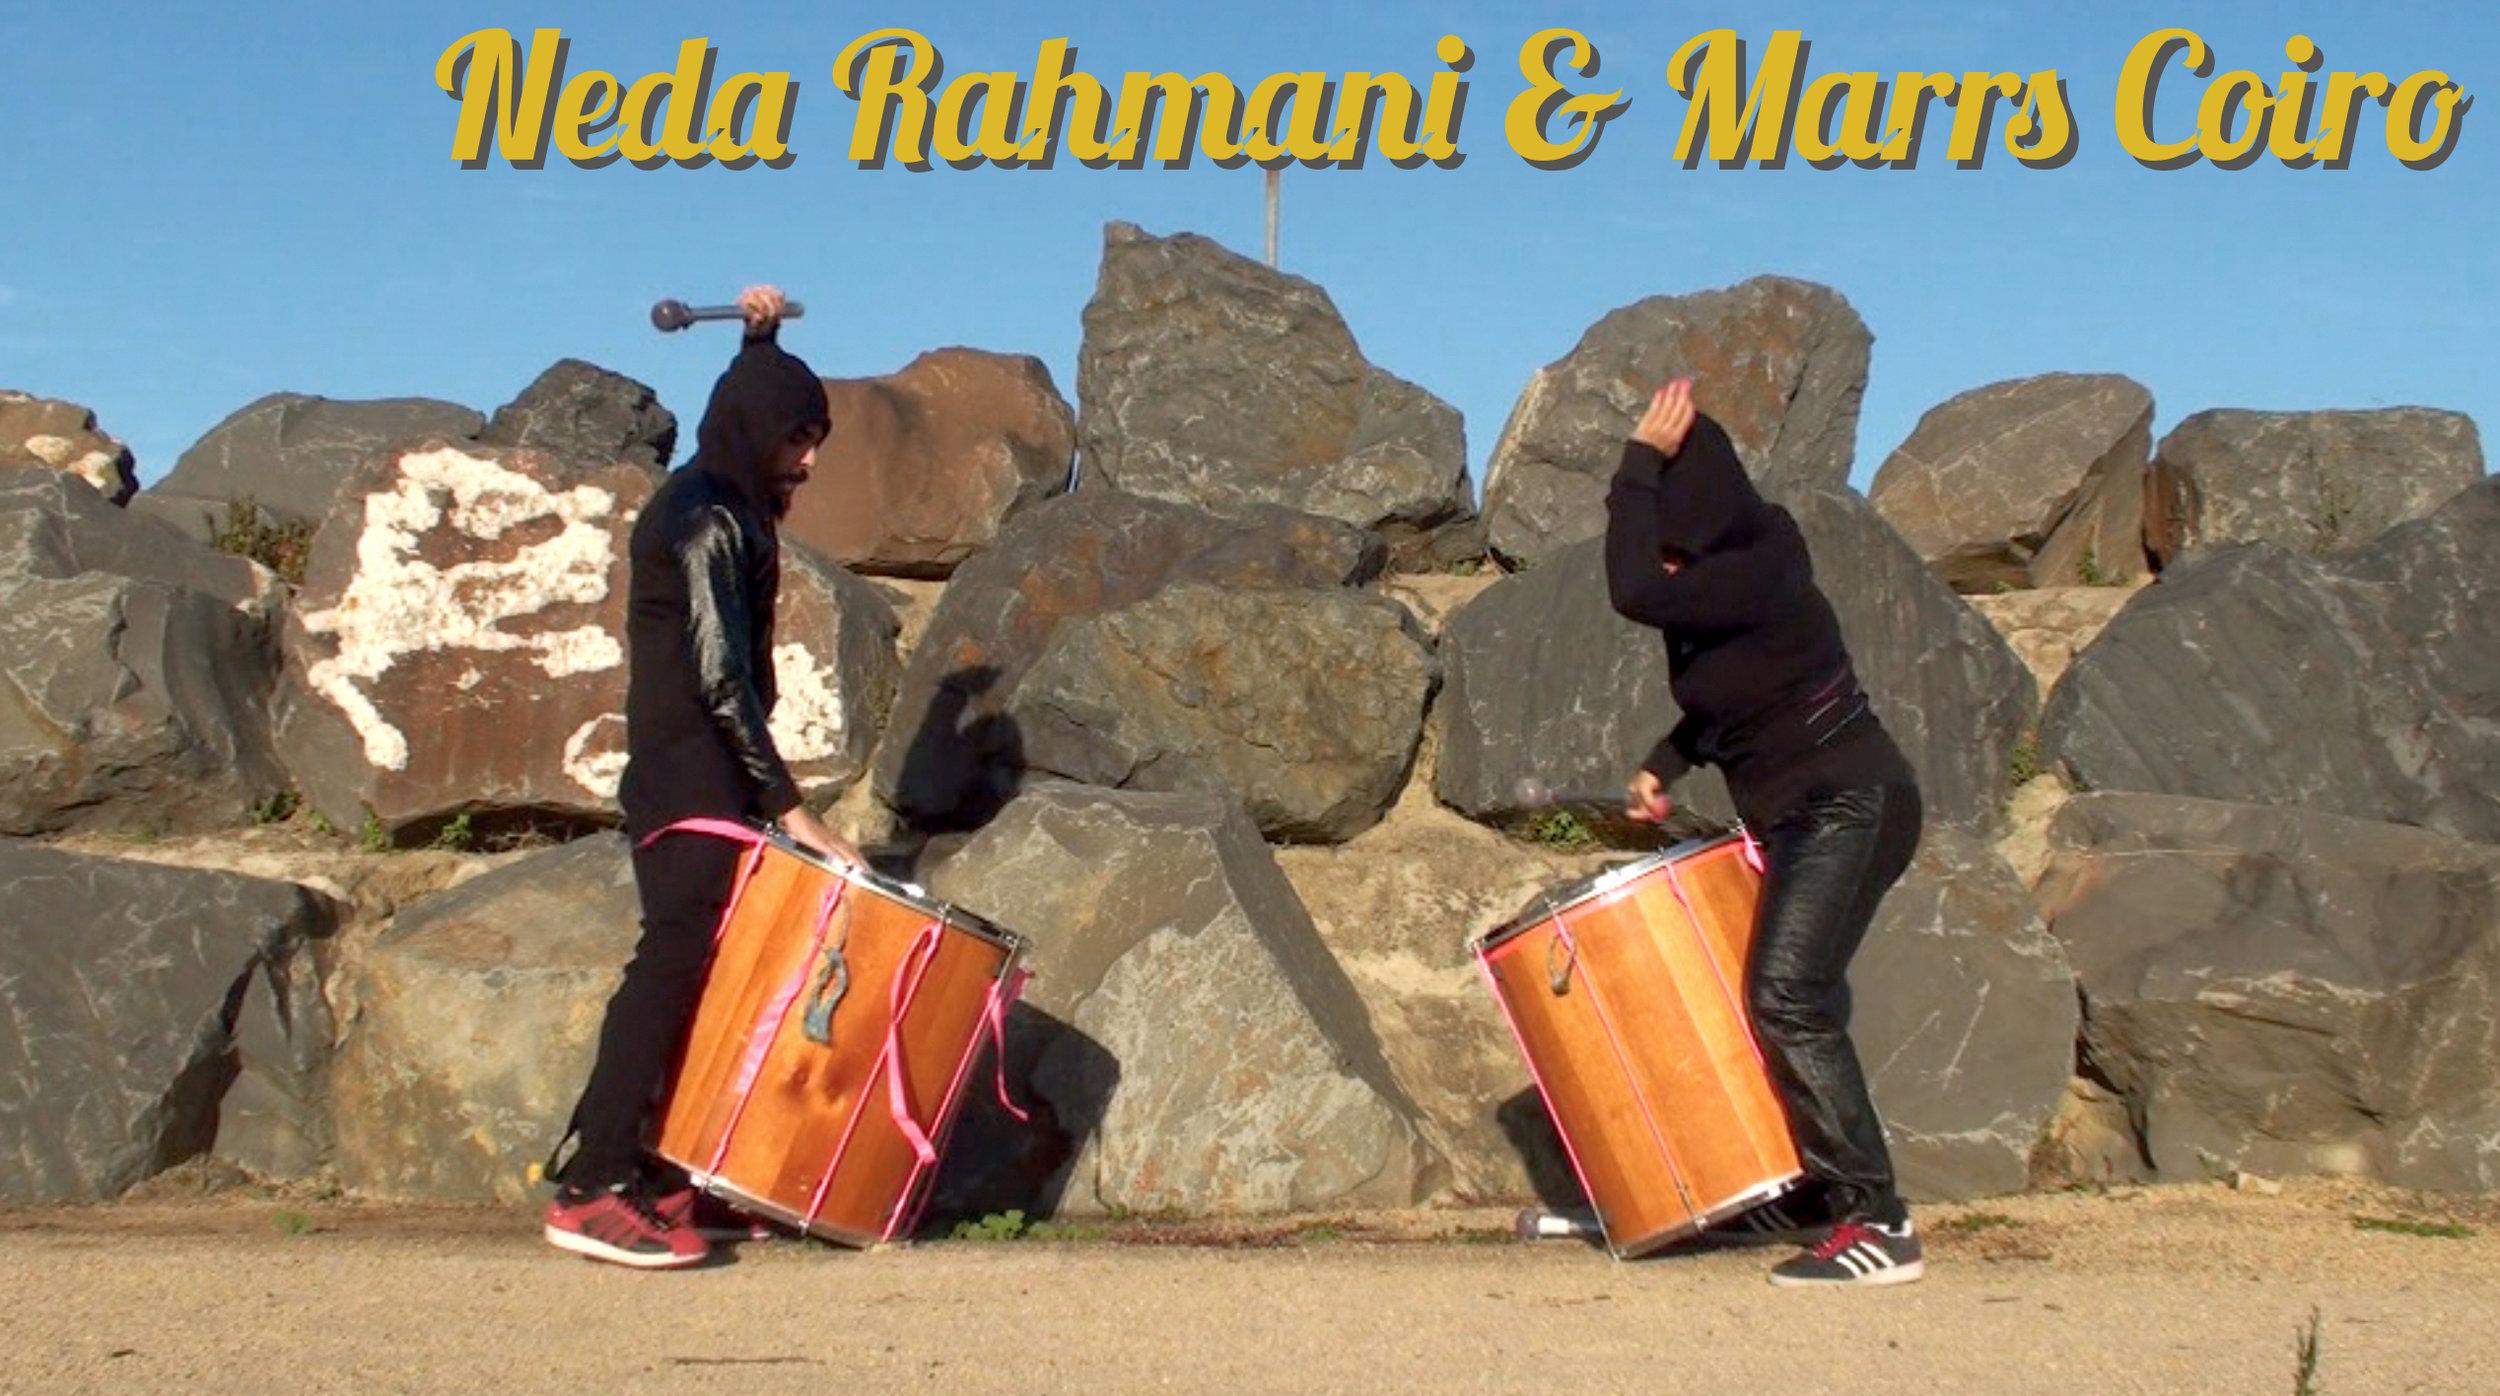 Neda Rahmani and Marrs Coiro.jpg